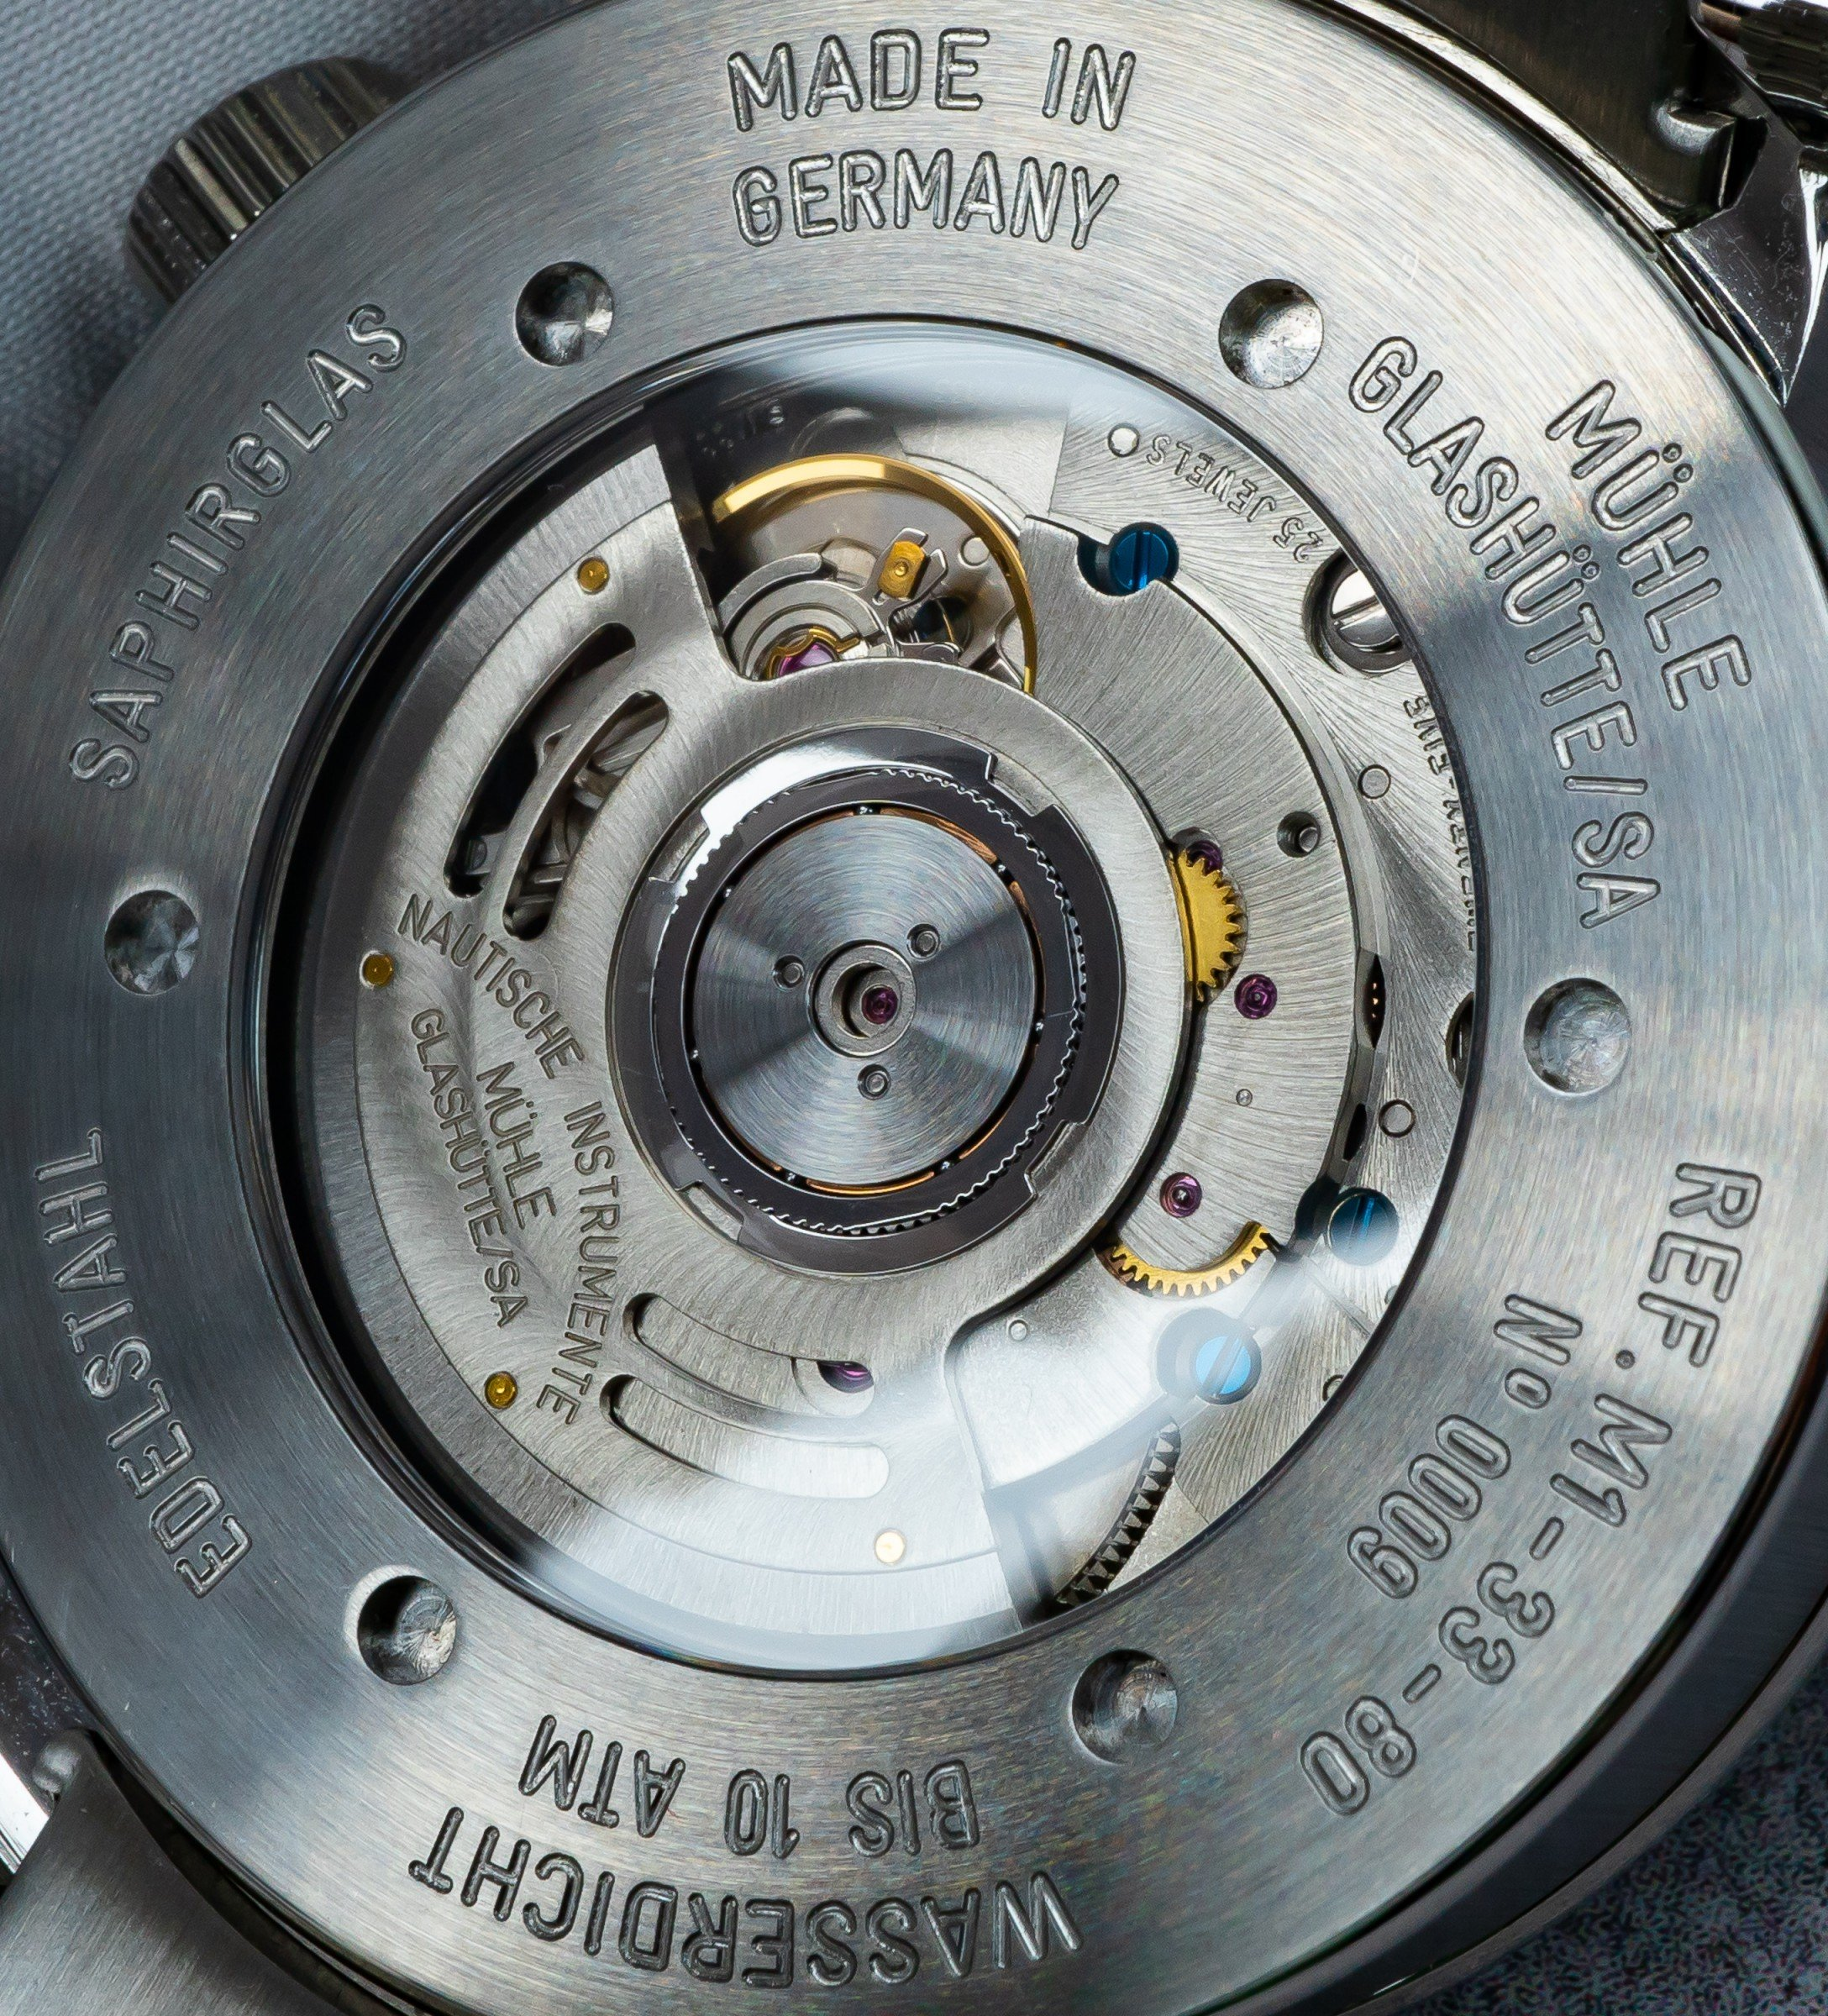 Sellita SW330-1 GMT Spechthalsregulierung Weltzeit Mühle-Glashütte